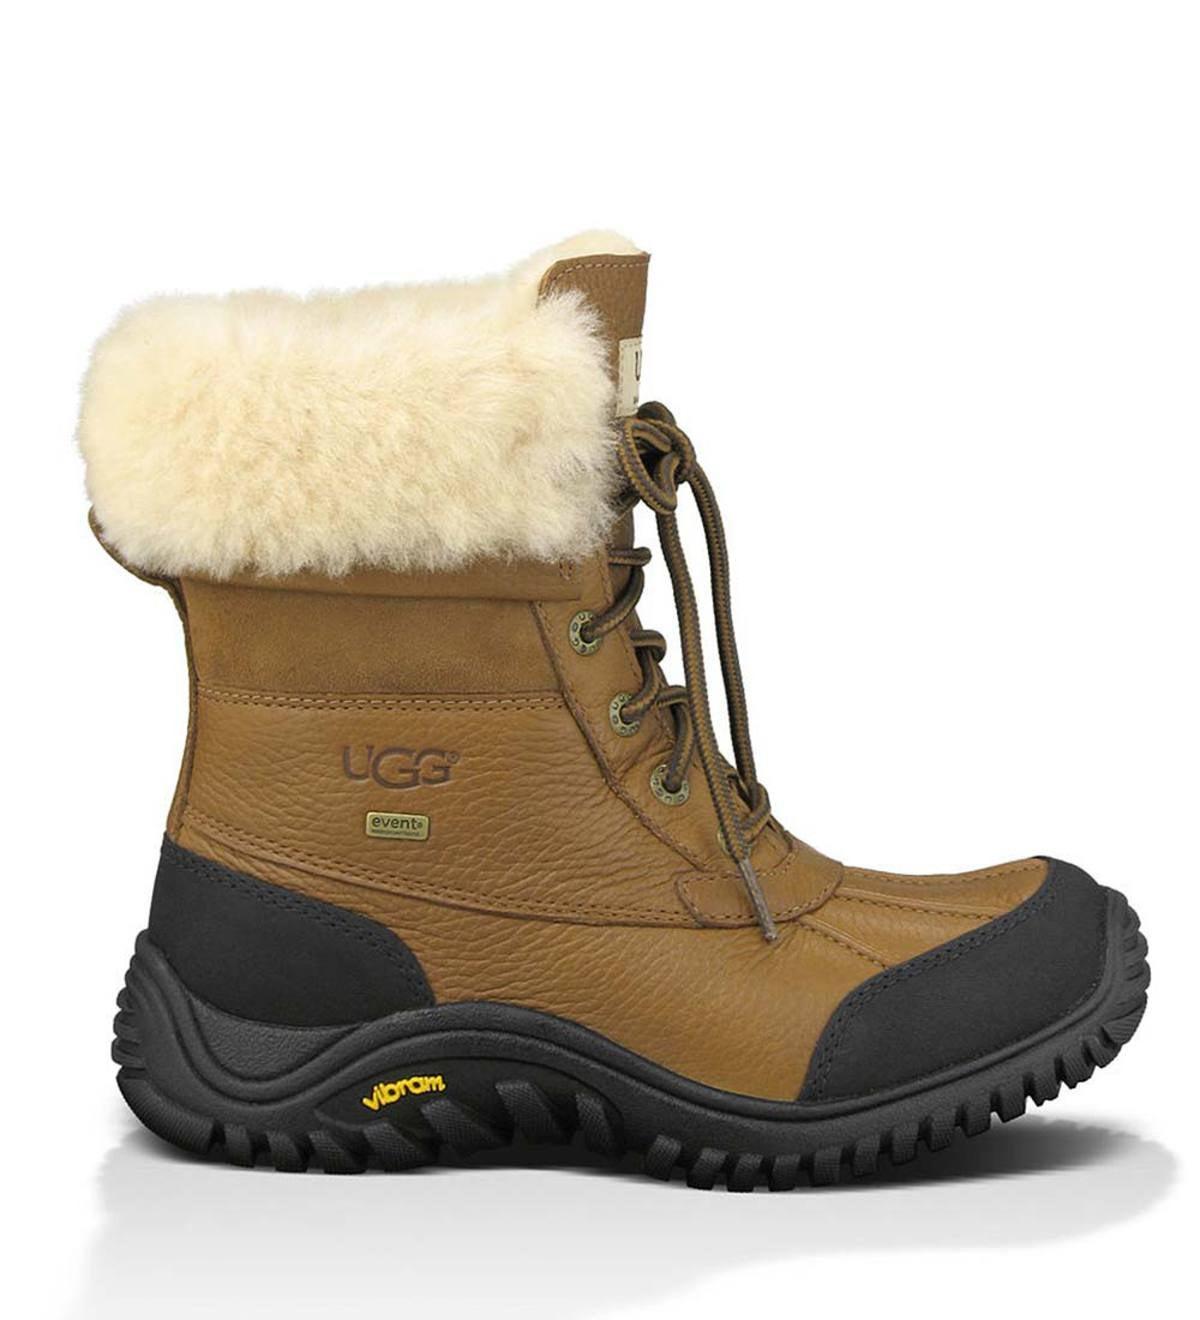 UGG® Australia Women's Adirondack II Boots